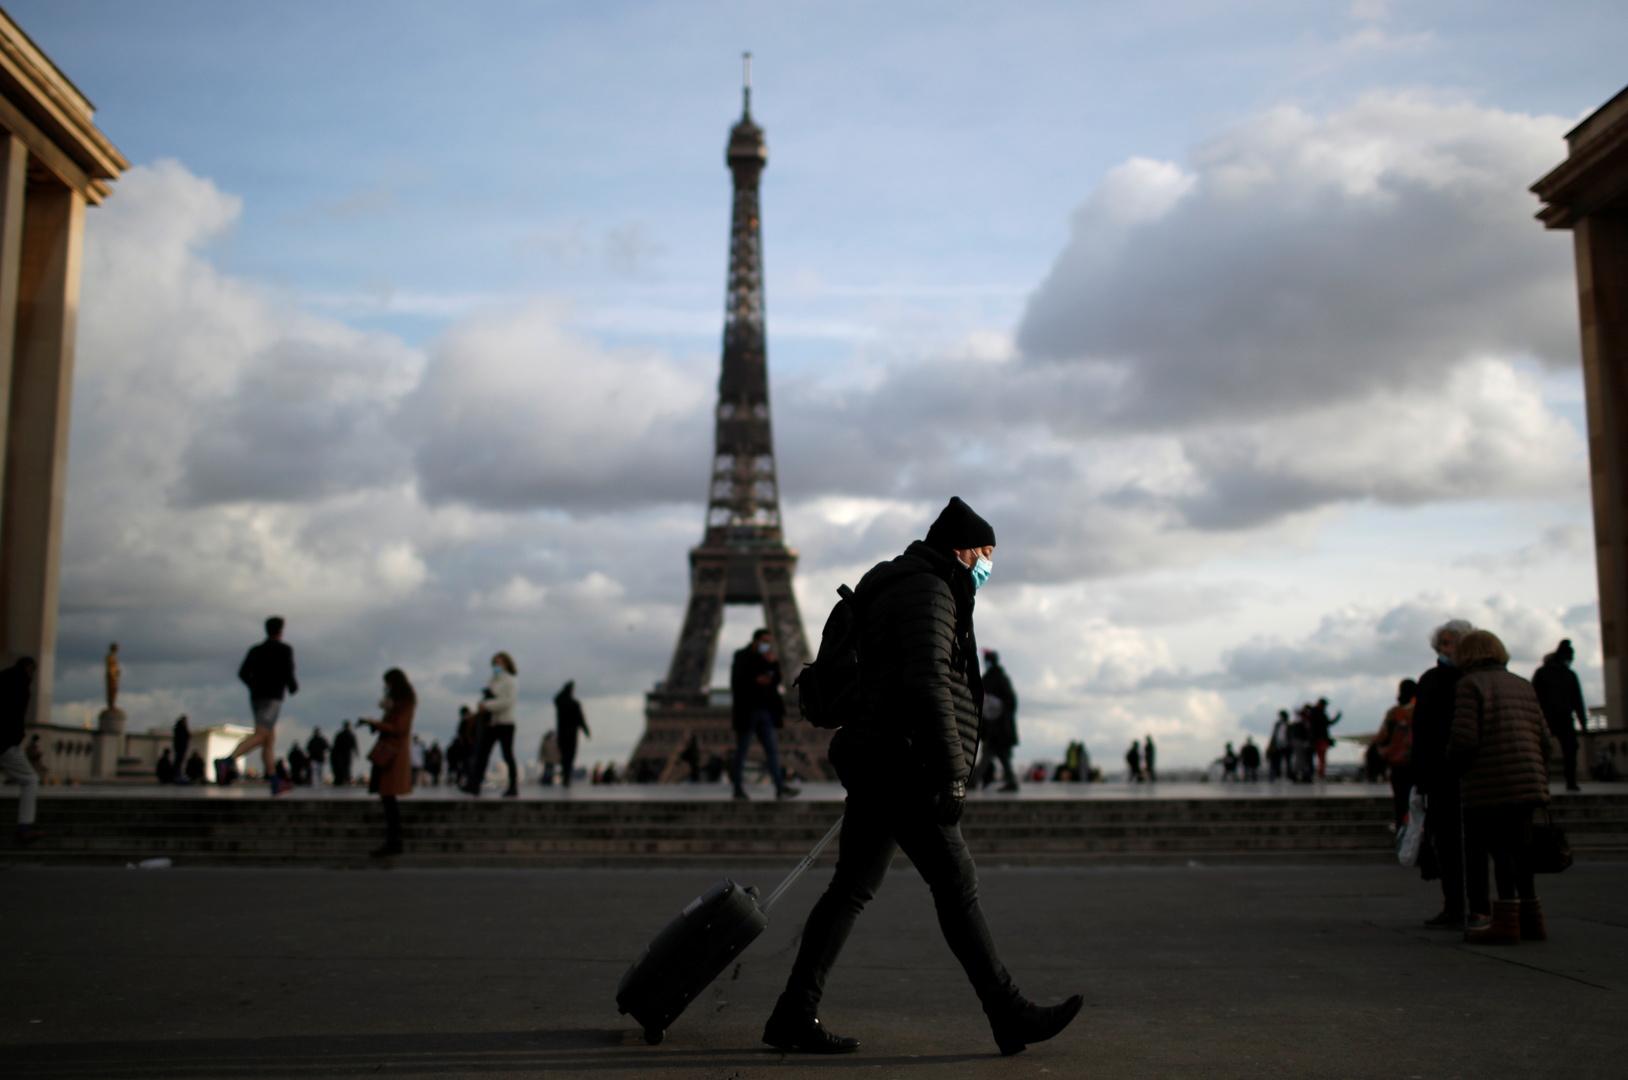 رصد مؤشر إيجابي في فرنسا بخصوص وباء كورونا